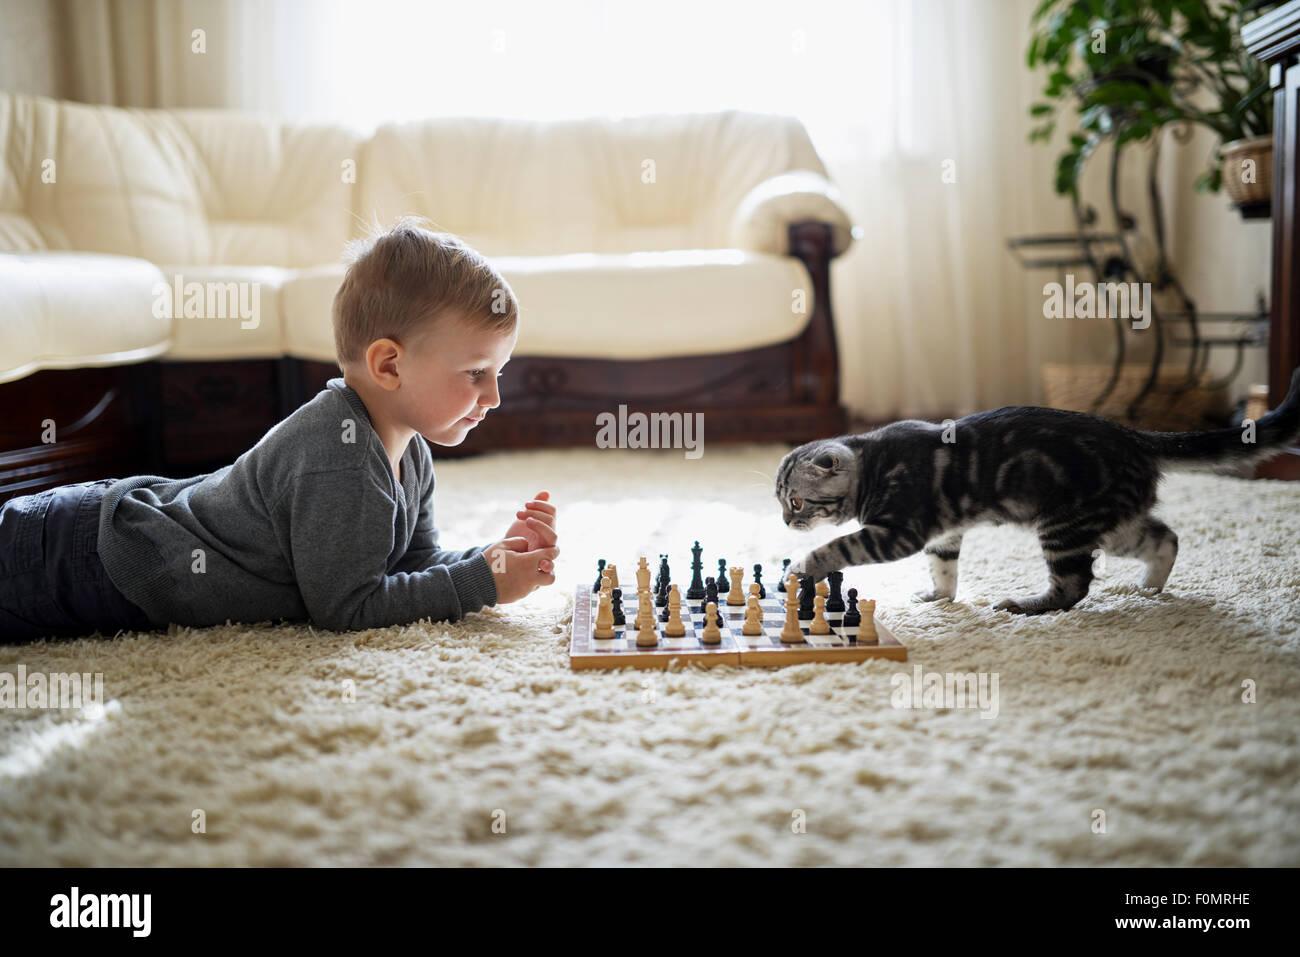 Chico juega al ajedrez acostado en el piso Imagen De Stock